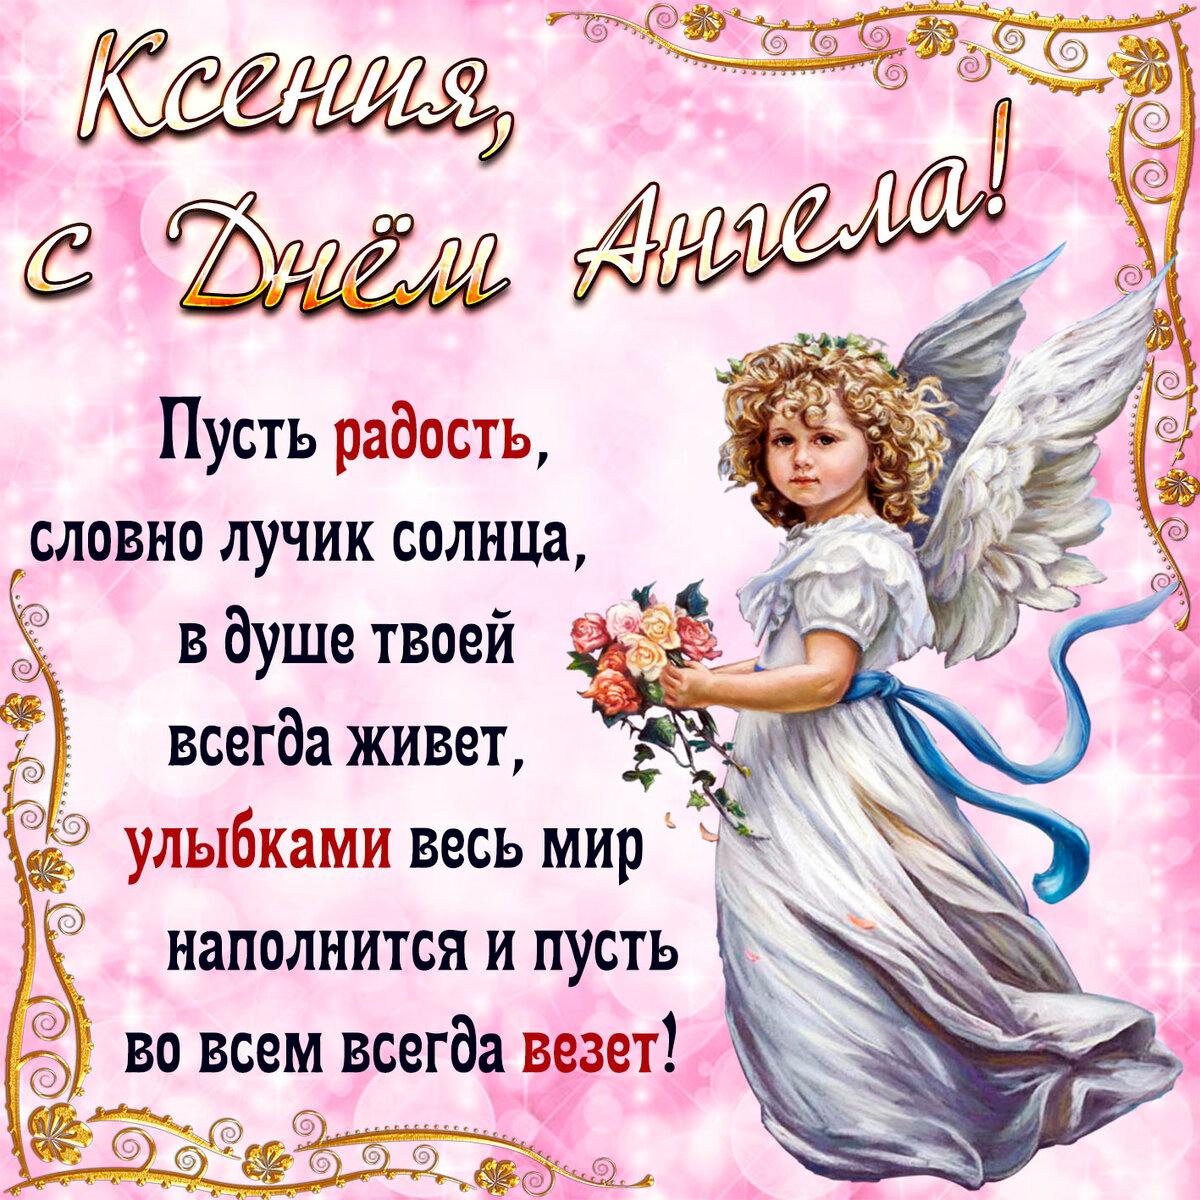 Красиво написать, поздравление с днем ангела елены открытка